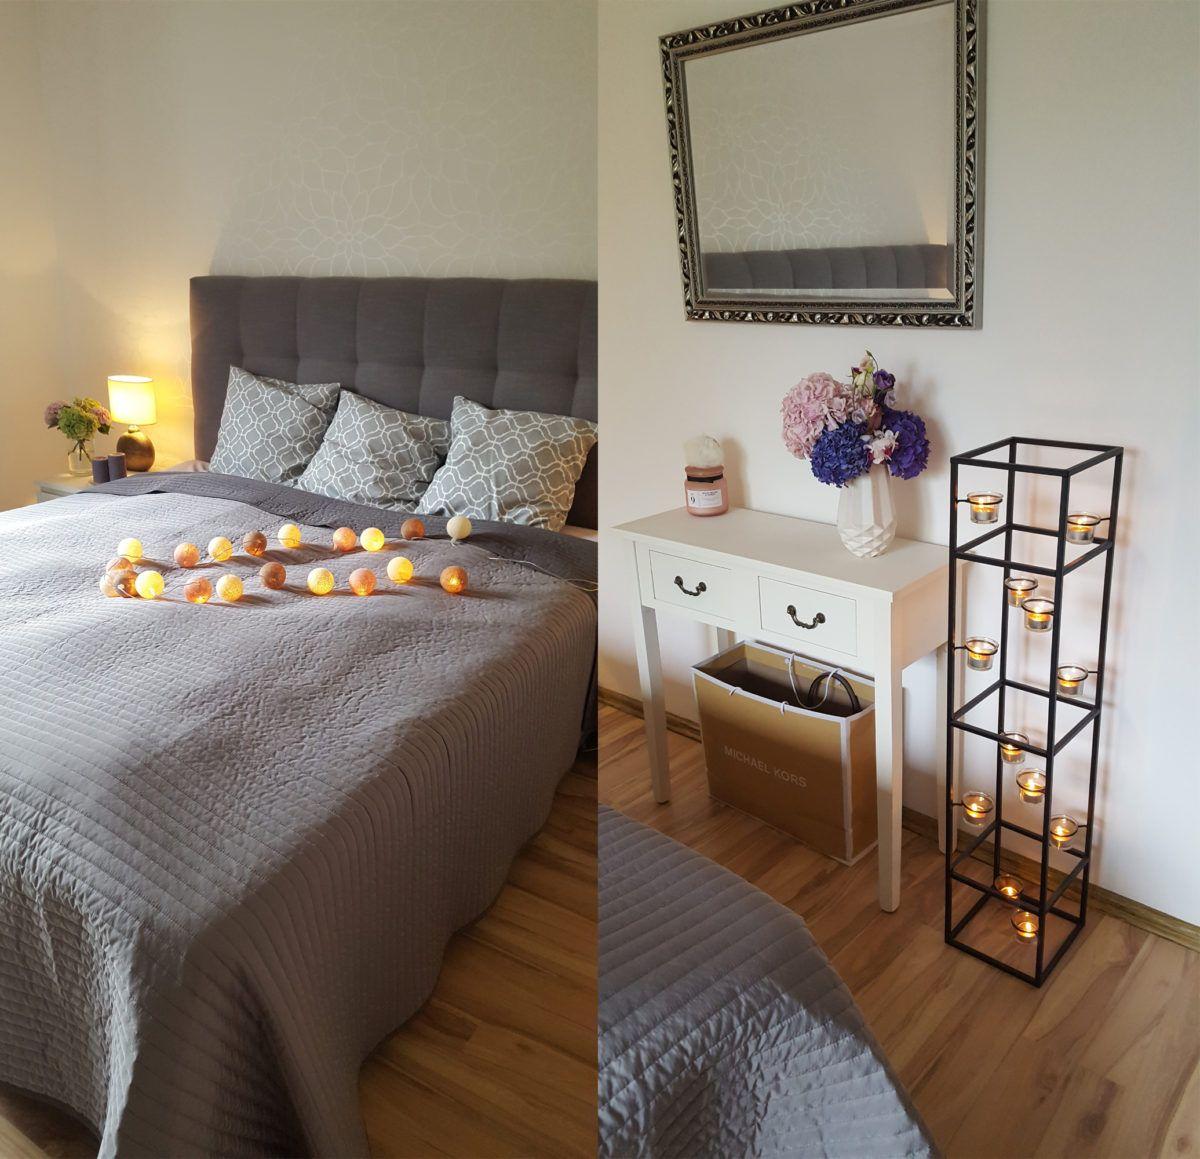 Schlafzimmer gemütlich dekorieren | Schlafzimmer ...